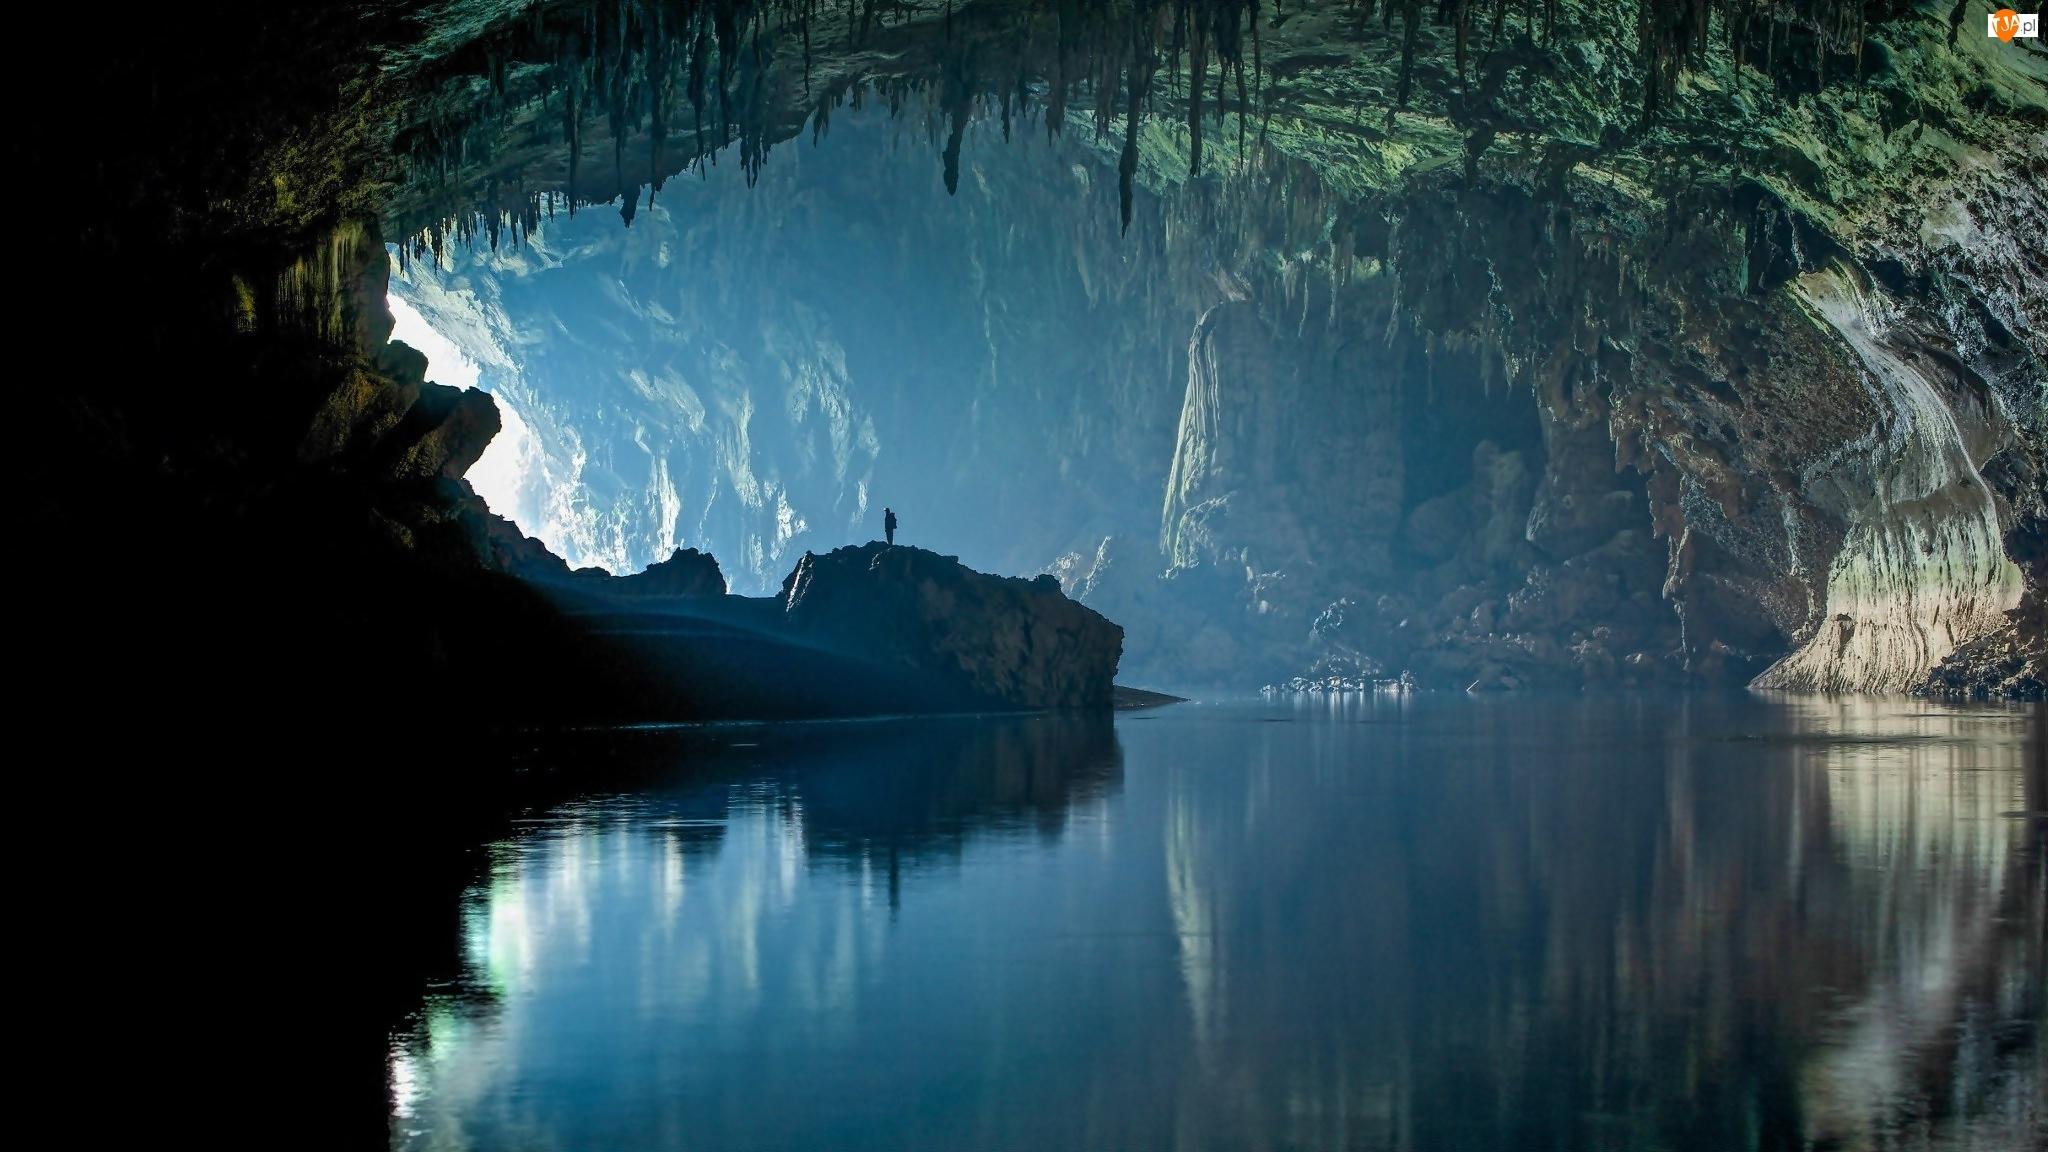 Jaskinia, Człowiek, Jezioro, Skały